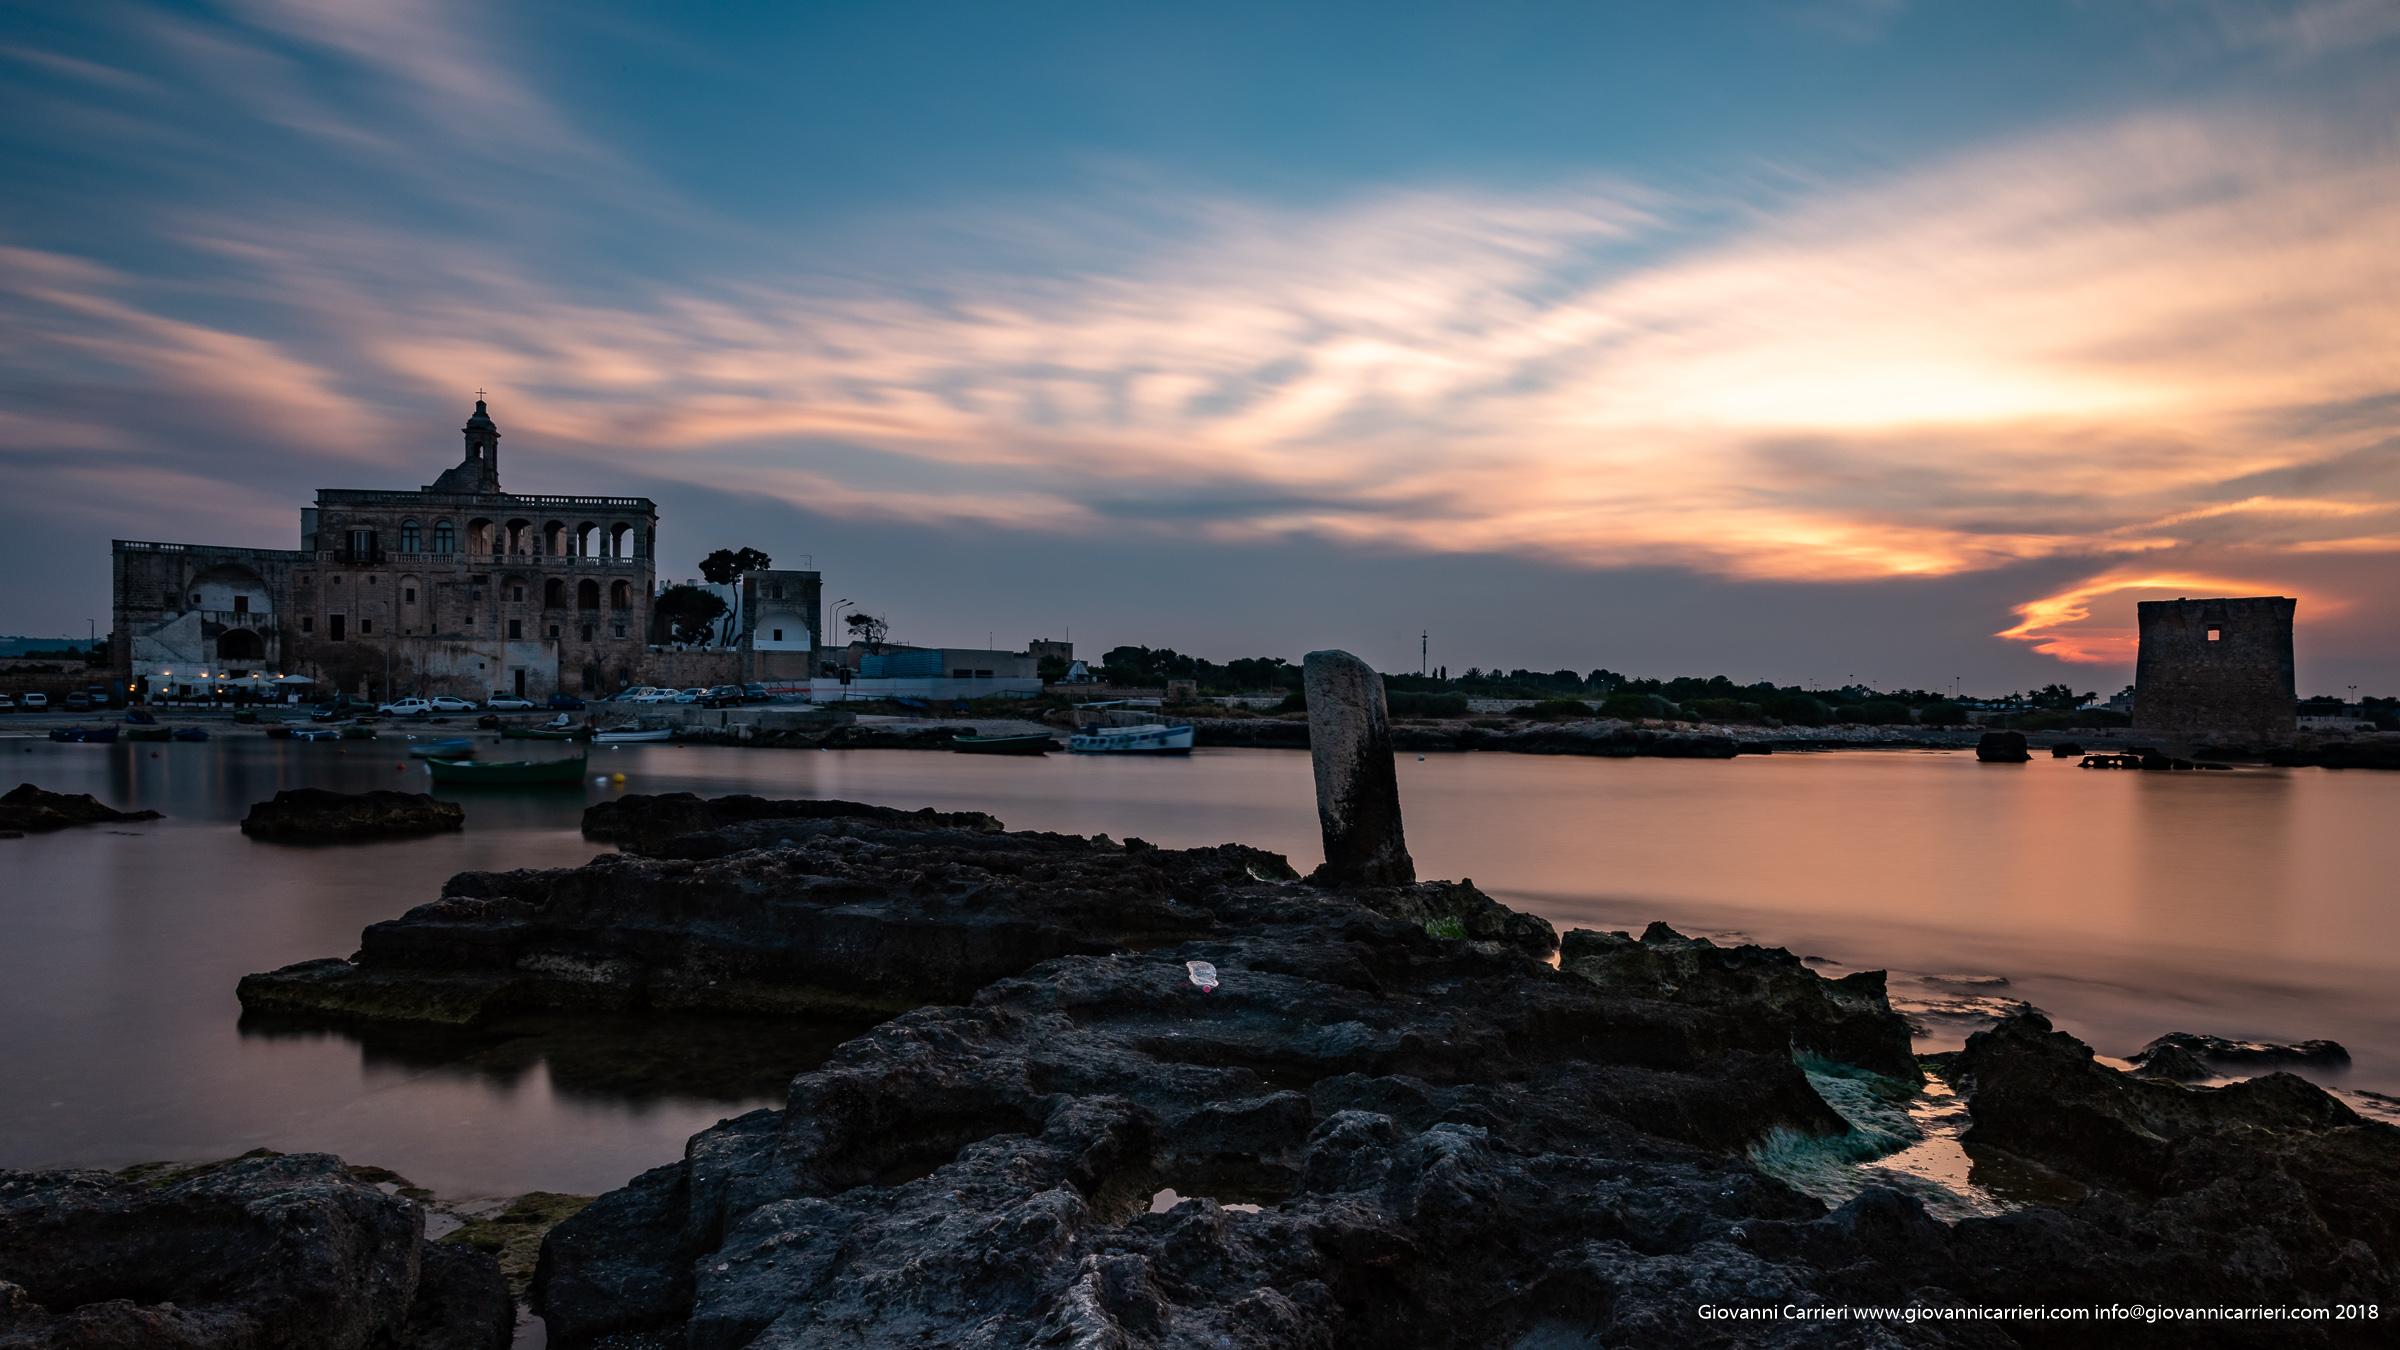 Una panoramica al tramonto dell'Abbazia di San Vito, Polignano a mare